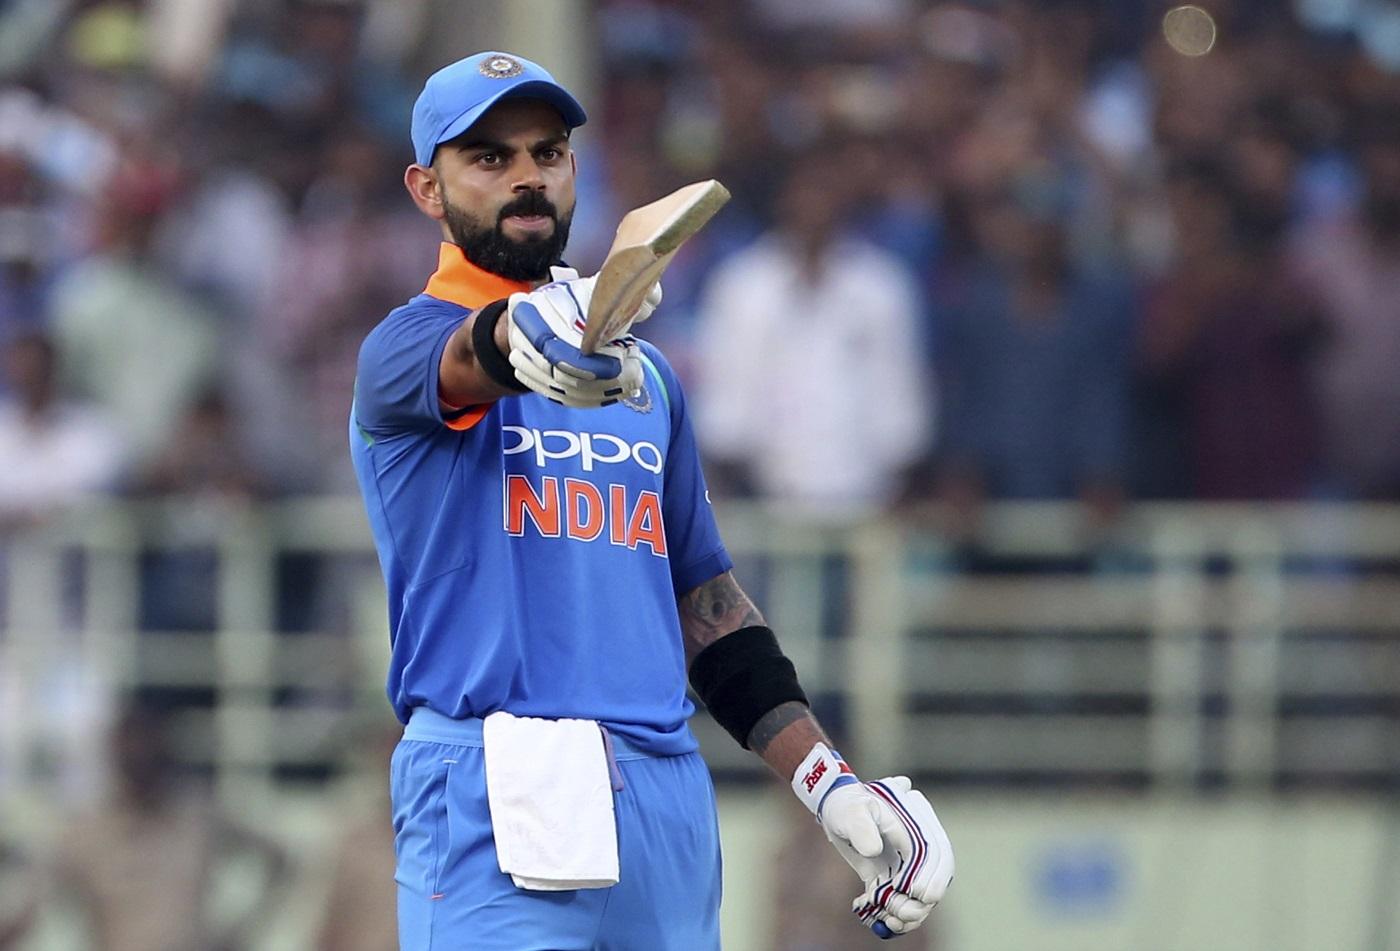 India's Virat Kohli becomes the fastest batsman to reach 10,000 ODI runs